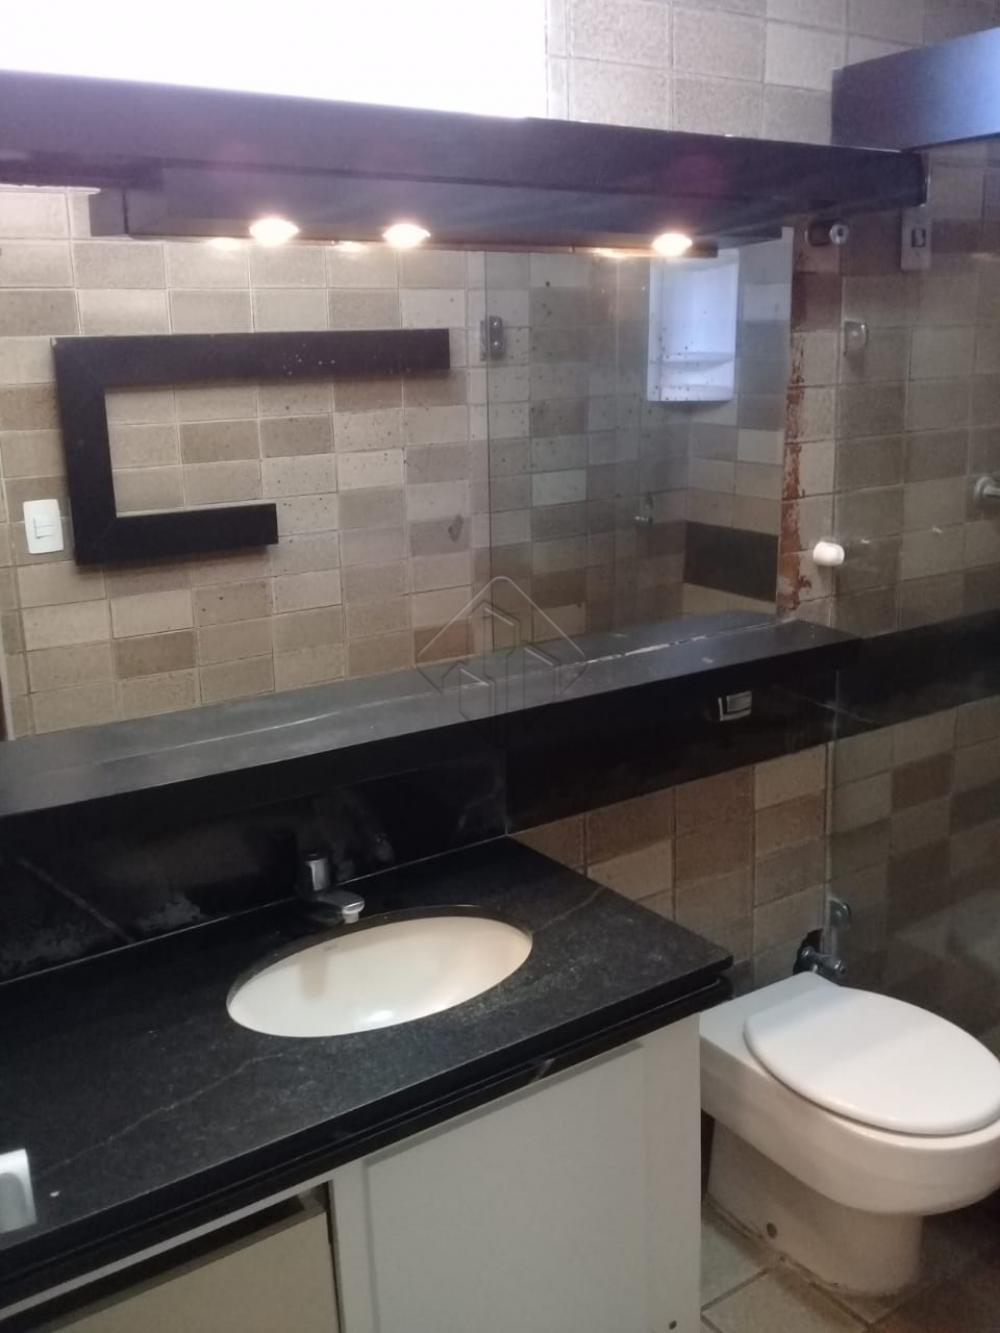 Comprar Apartamento / Padrão em João Pessoa apenas R$ 300.000,00 - Foto 3